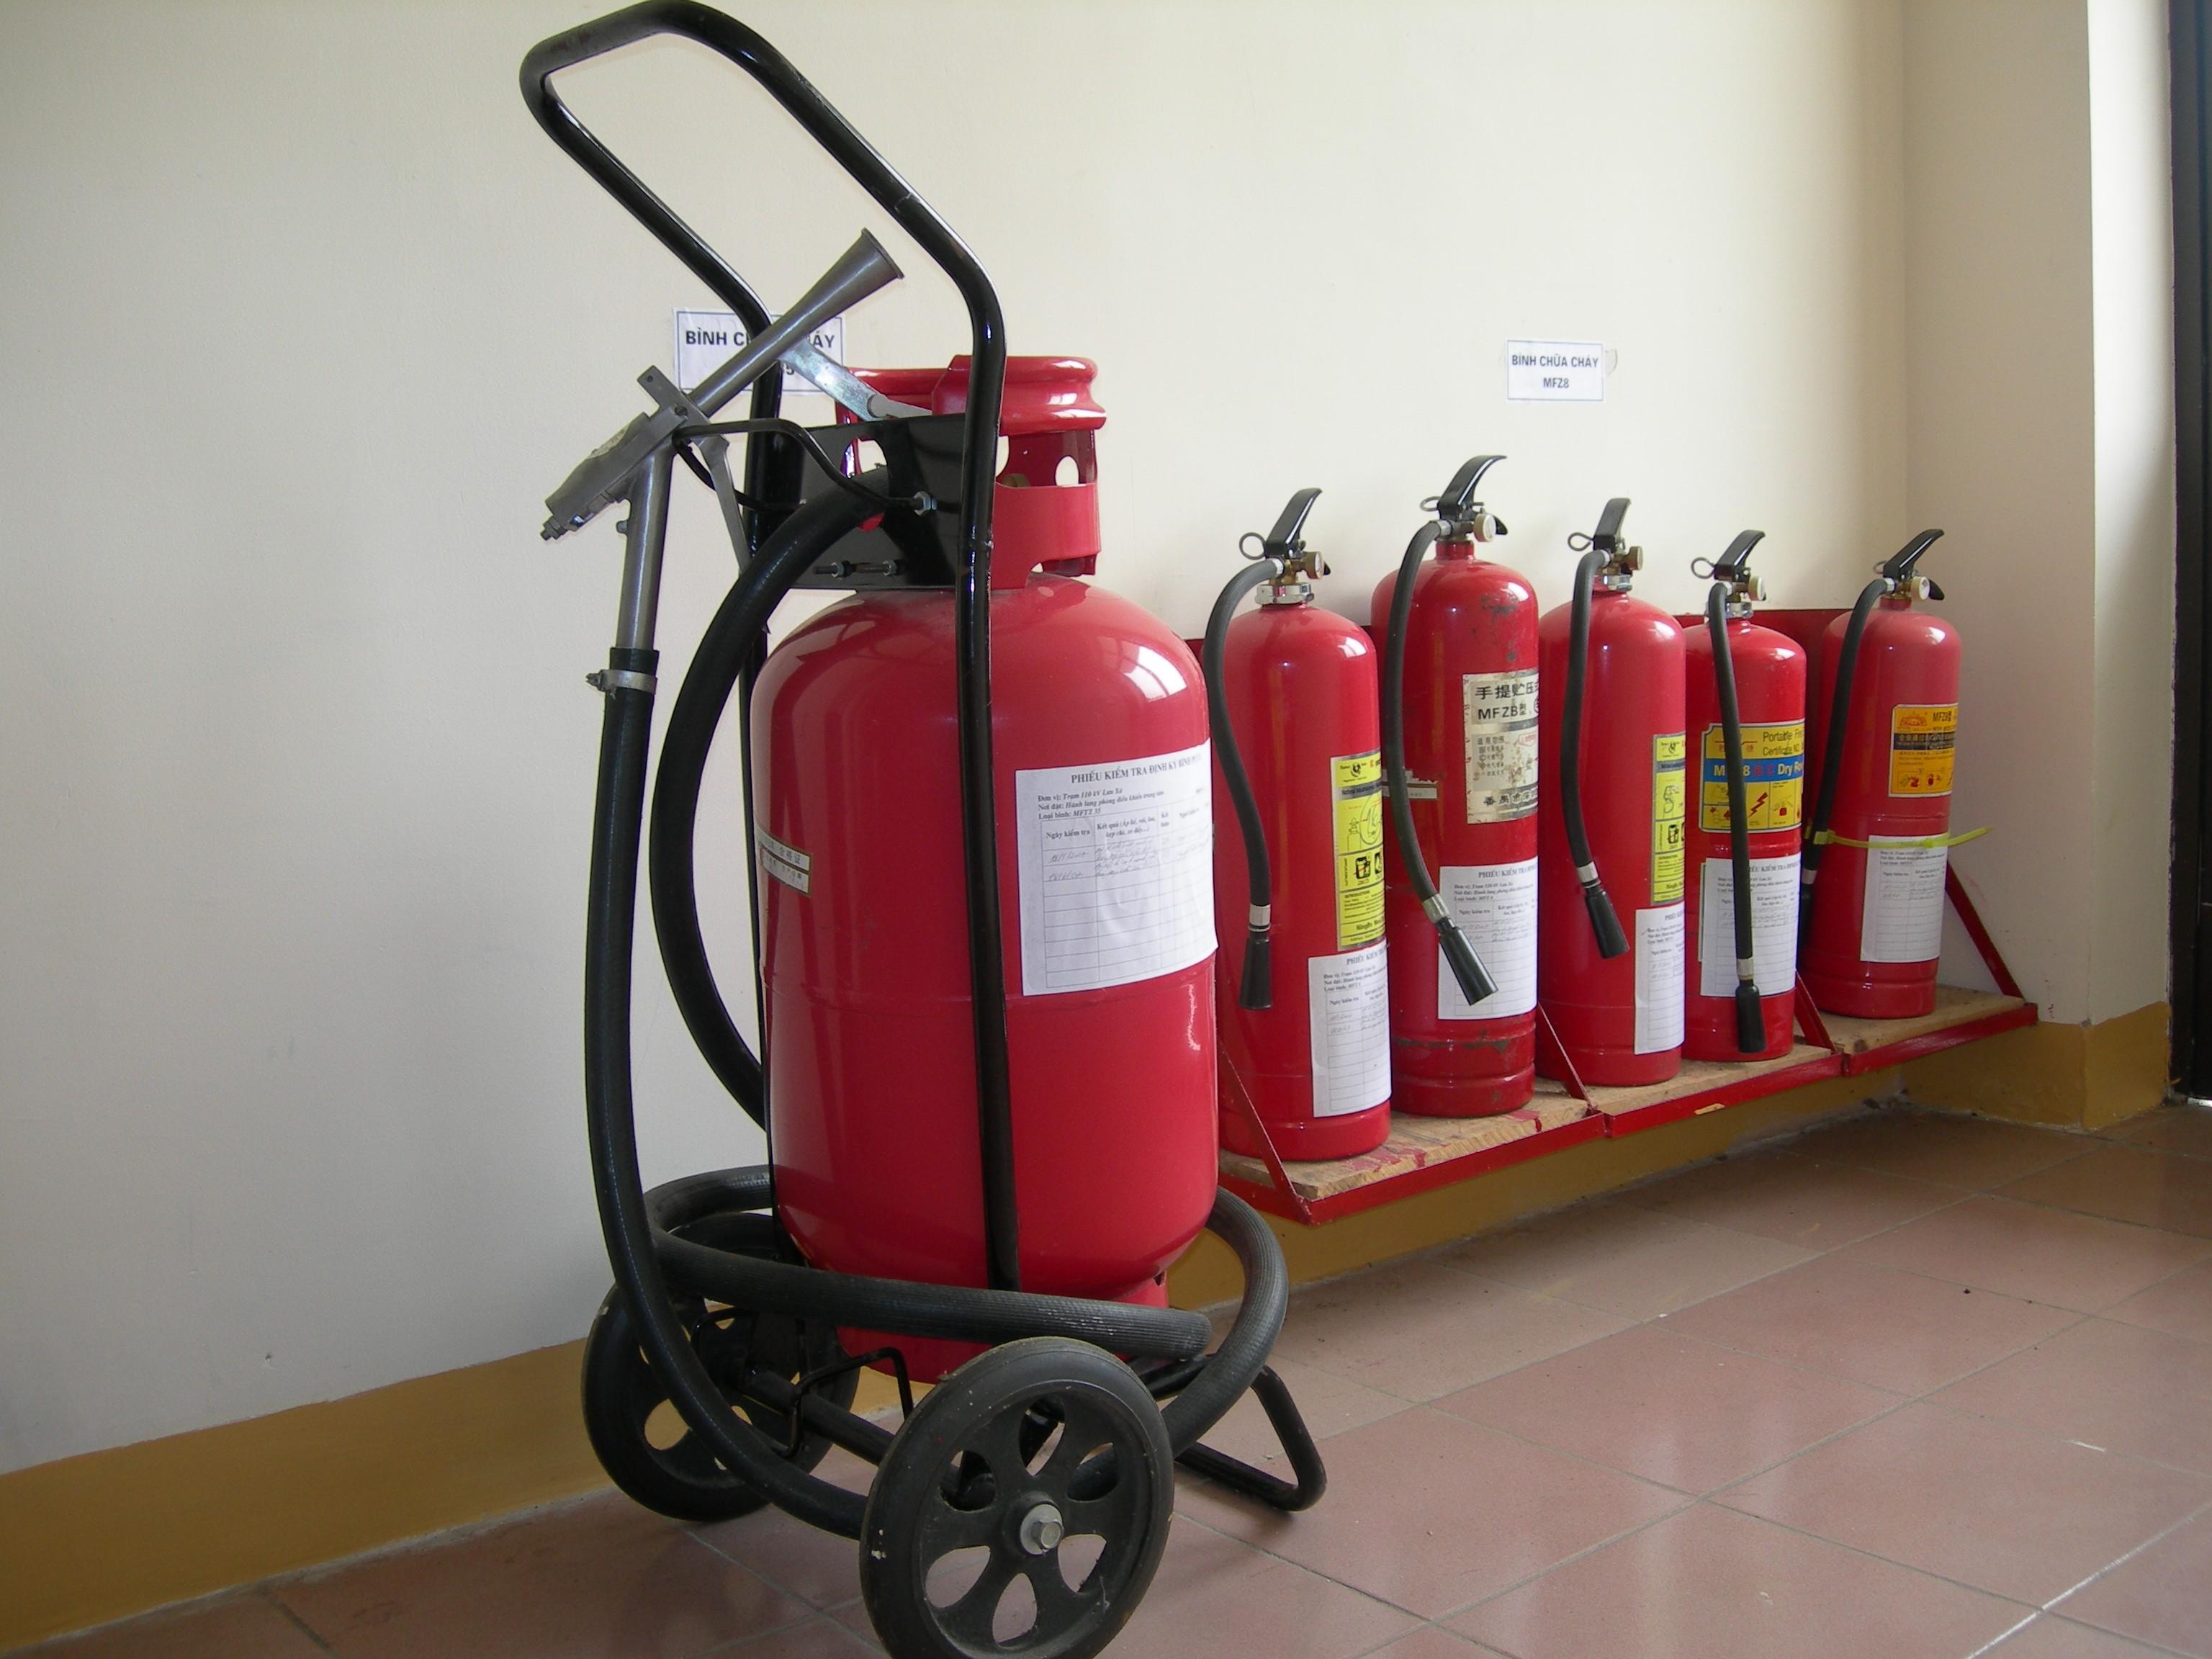 Bảng giá bán bình cứu hỏa bột khô BC MFZ kèm phụ kiện thiết bị chữa cháy uy tín chất lượng 2015 1